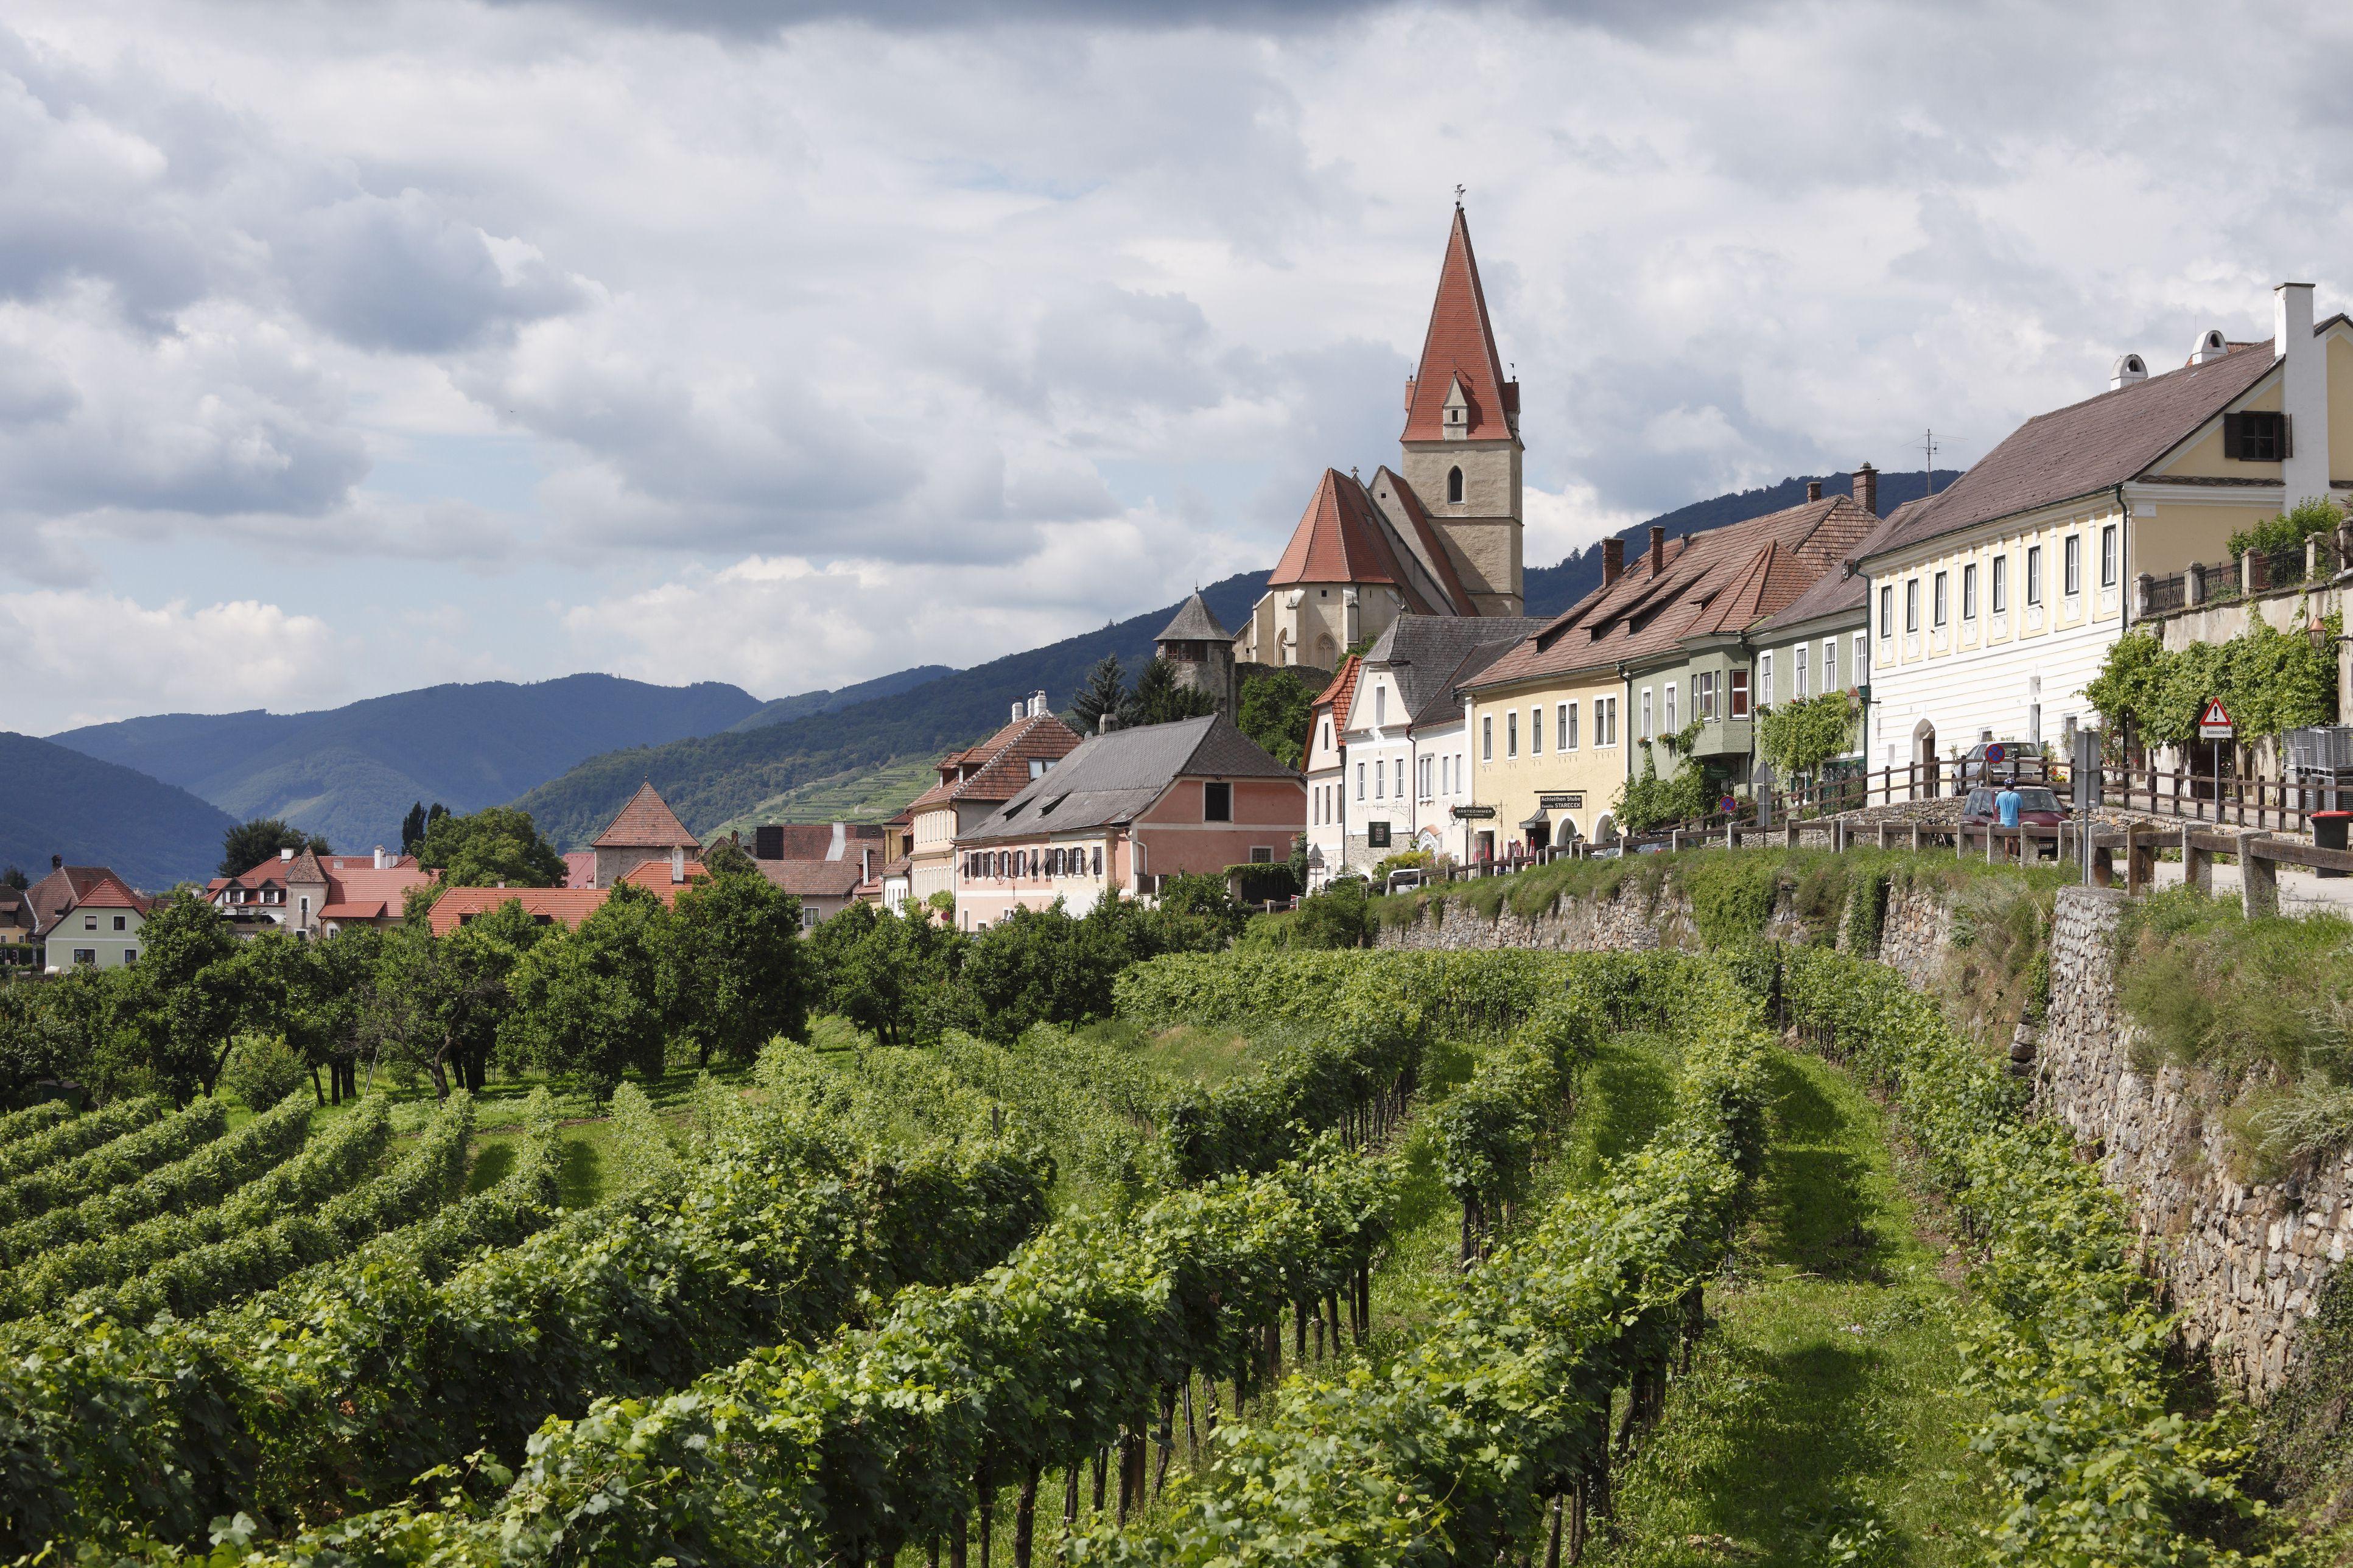 Weissenkirchen in the Wachau, Waldviertel, Lower Austria, Austria, Europe